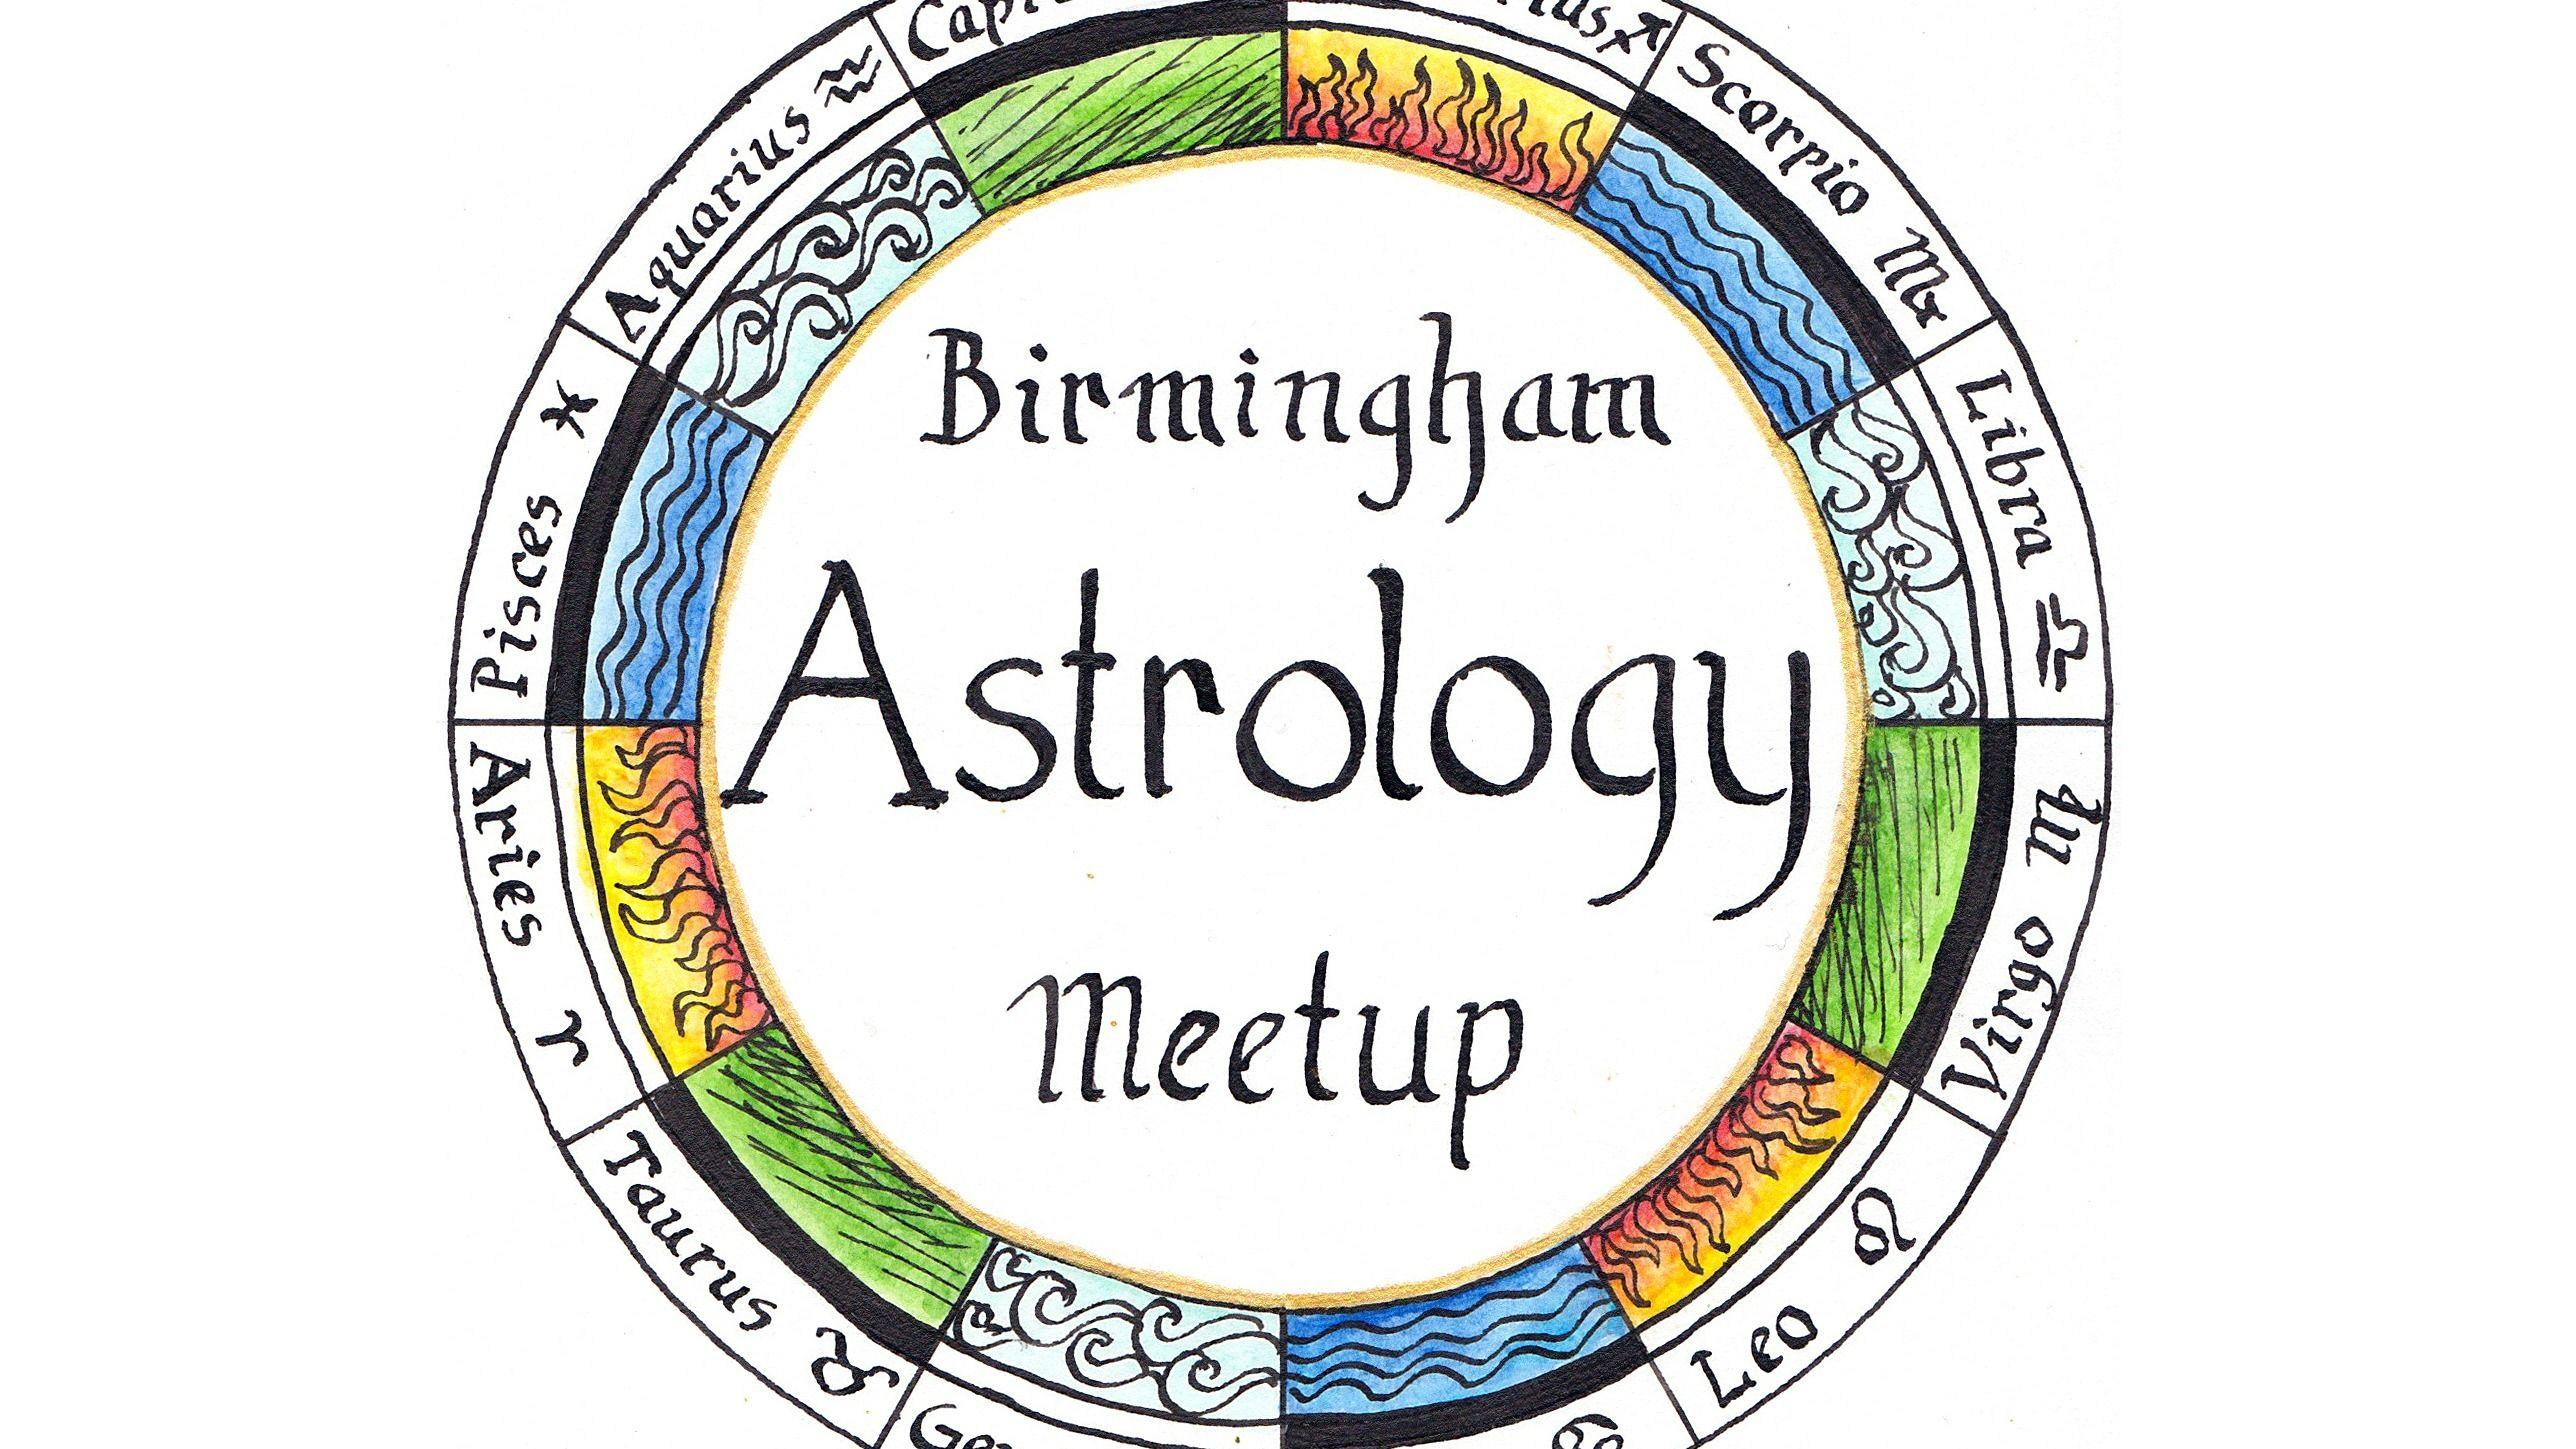 Saturday Astrology Workshop - Aries | Meetup